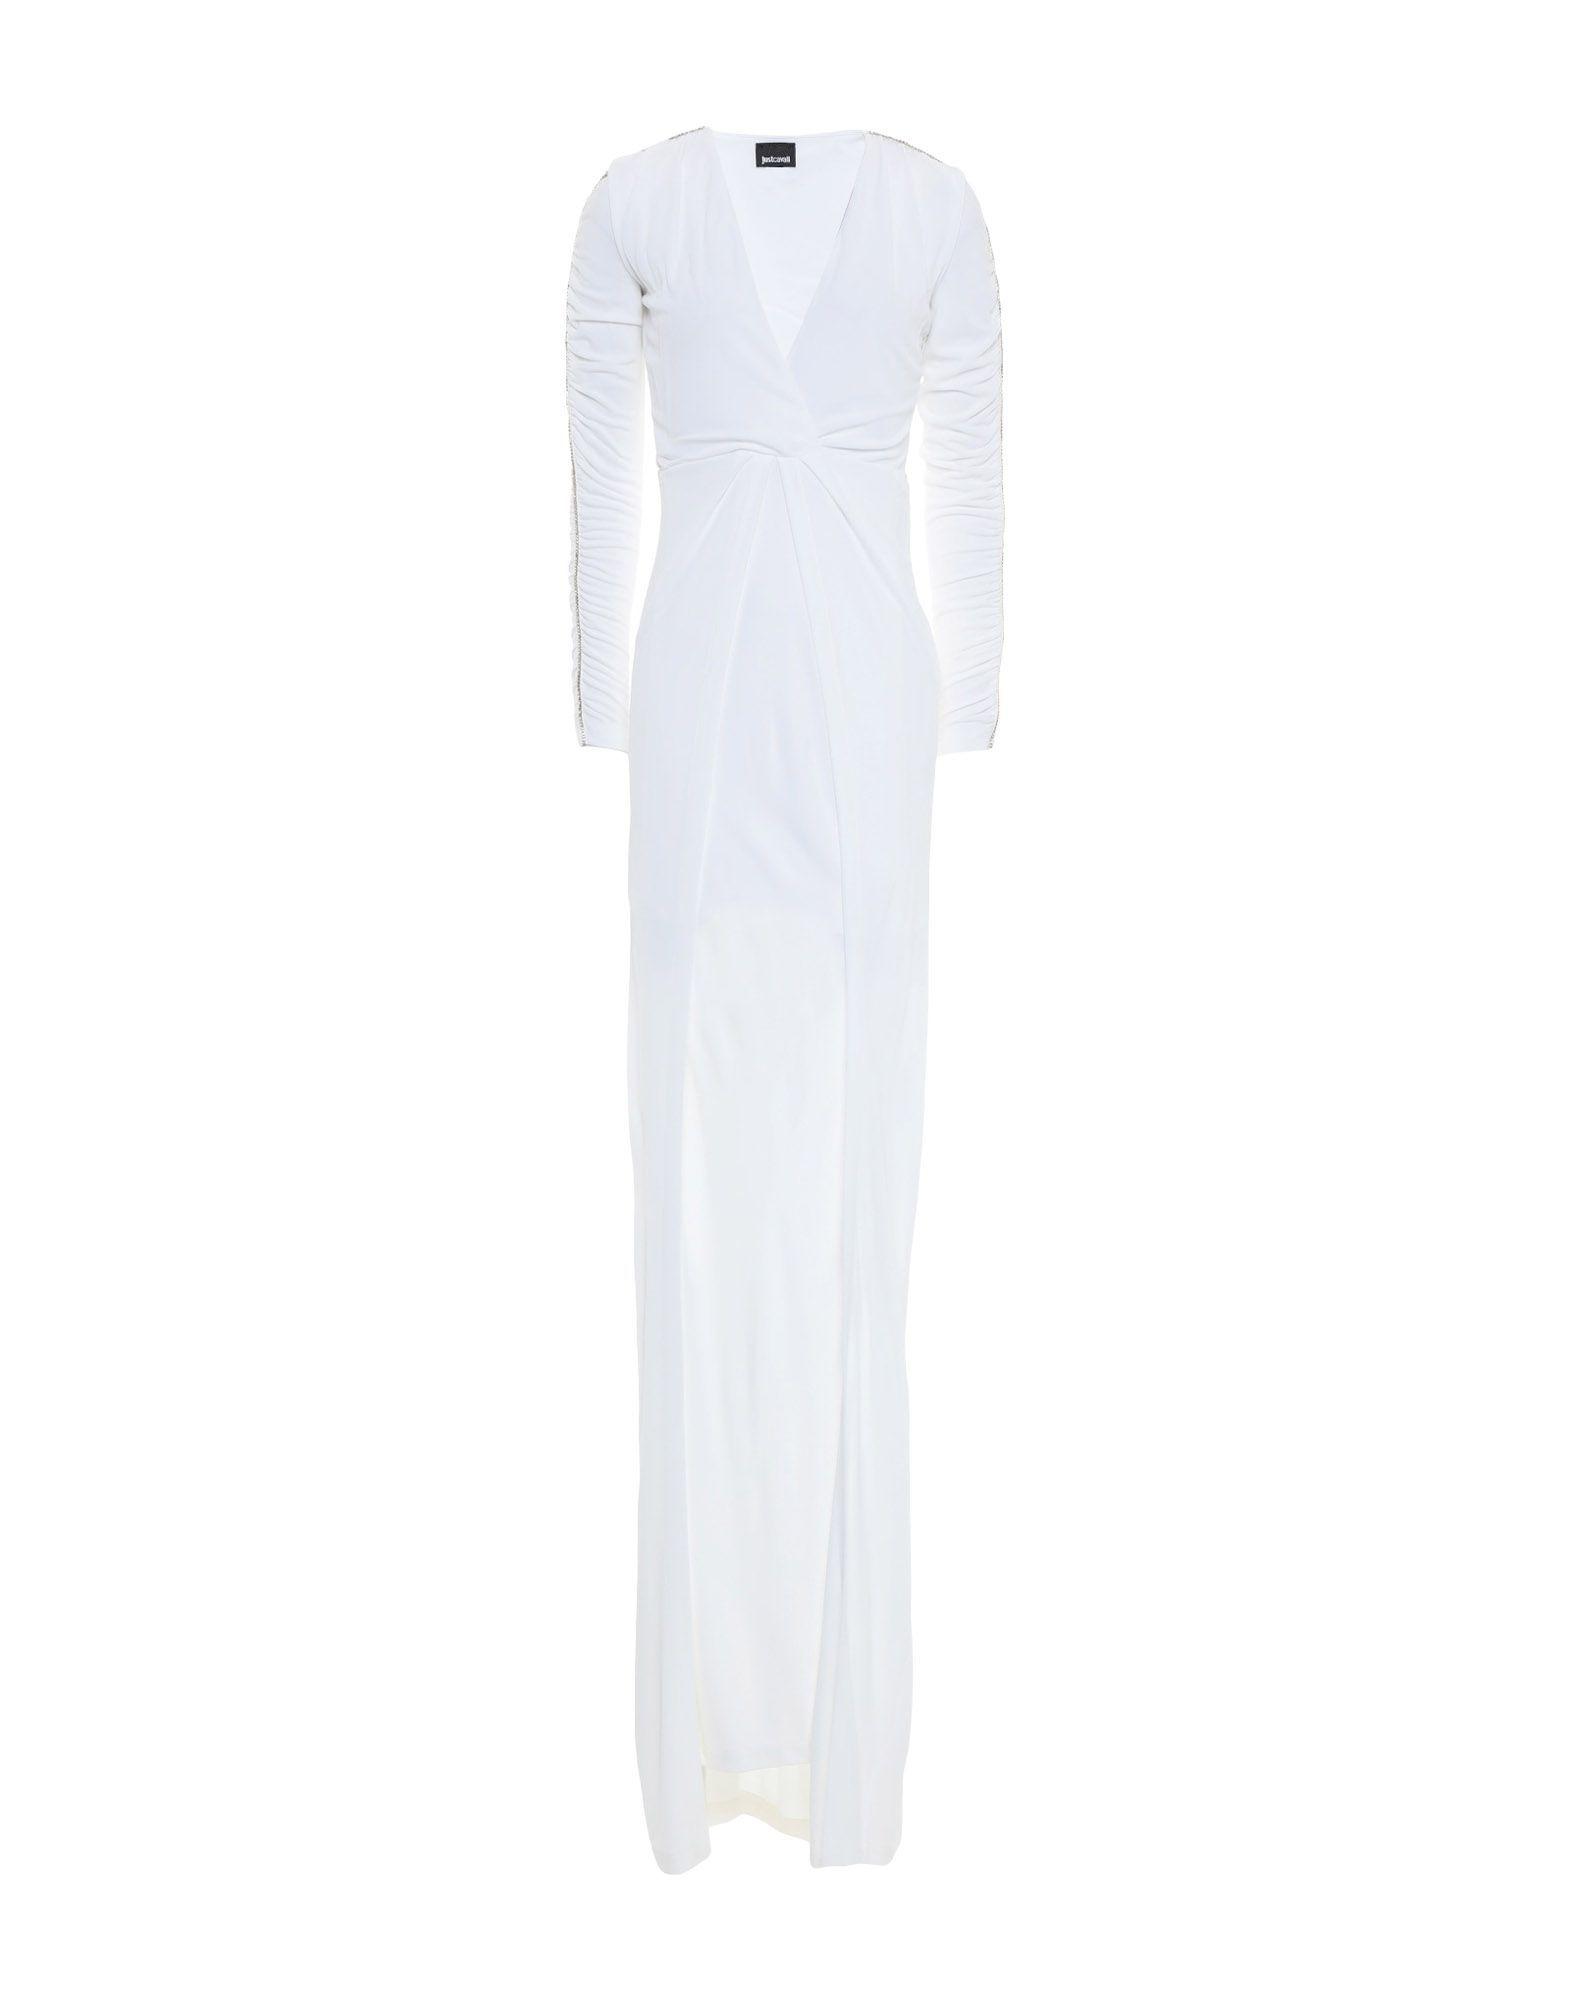 Just Cavalli White Long Sleeve Full Length Dress